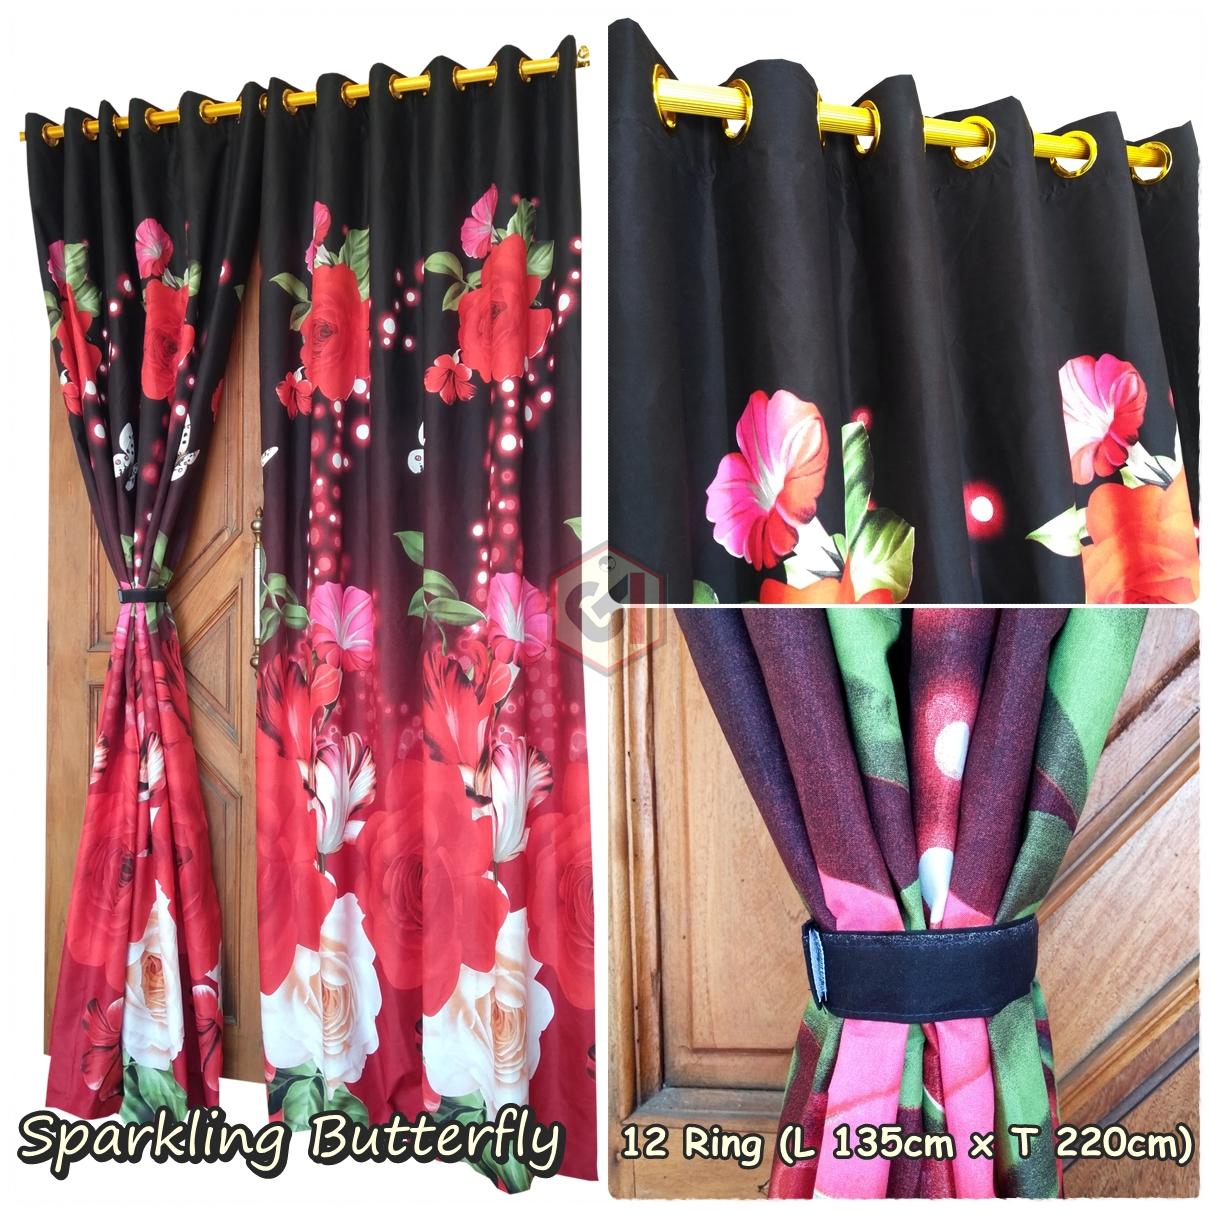 Gorden Pintu Rumah Motif Sparkling Butterfly Model Smokring 12 Ring Ukuran Panjang Murah Elegan